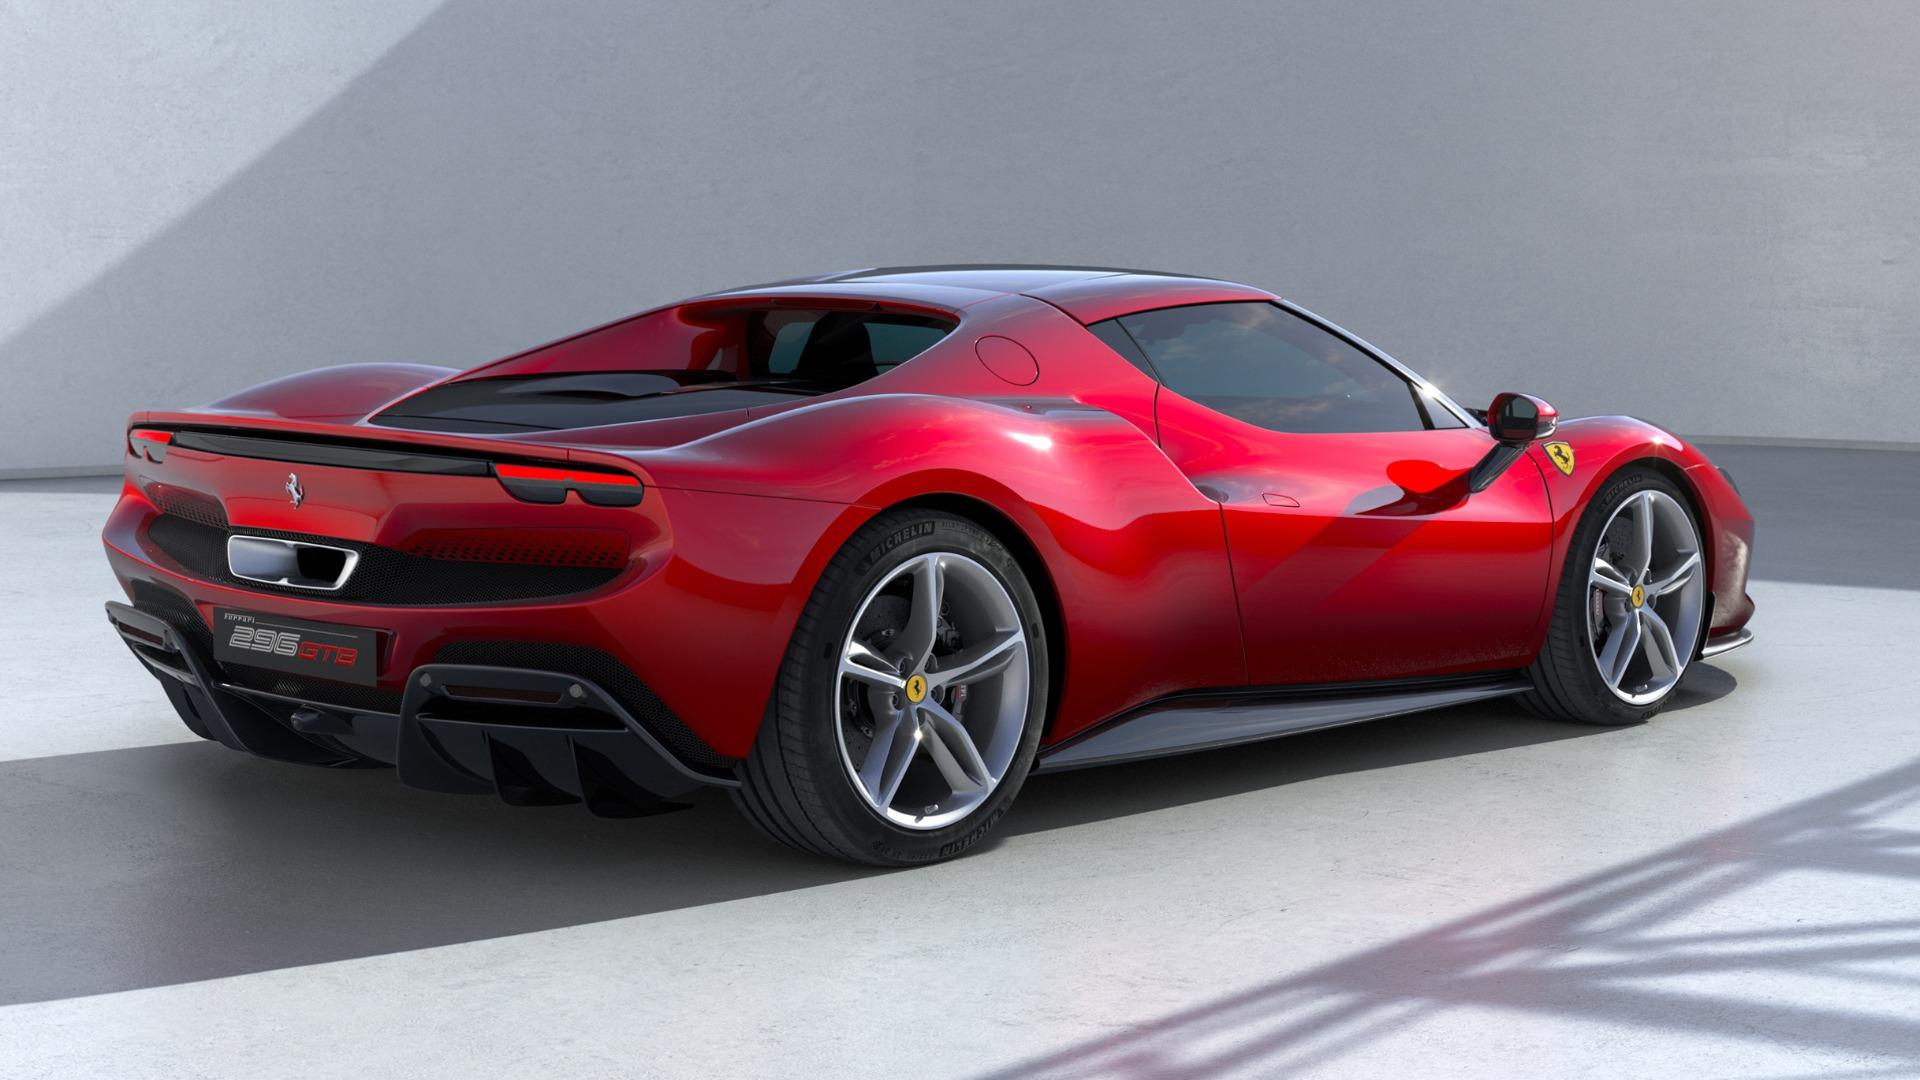 Dette må være det vakreste av nye sportsbiler på lenge